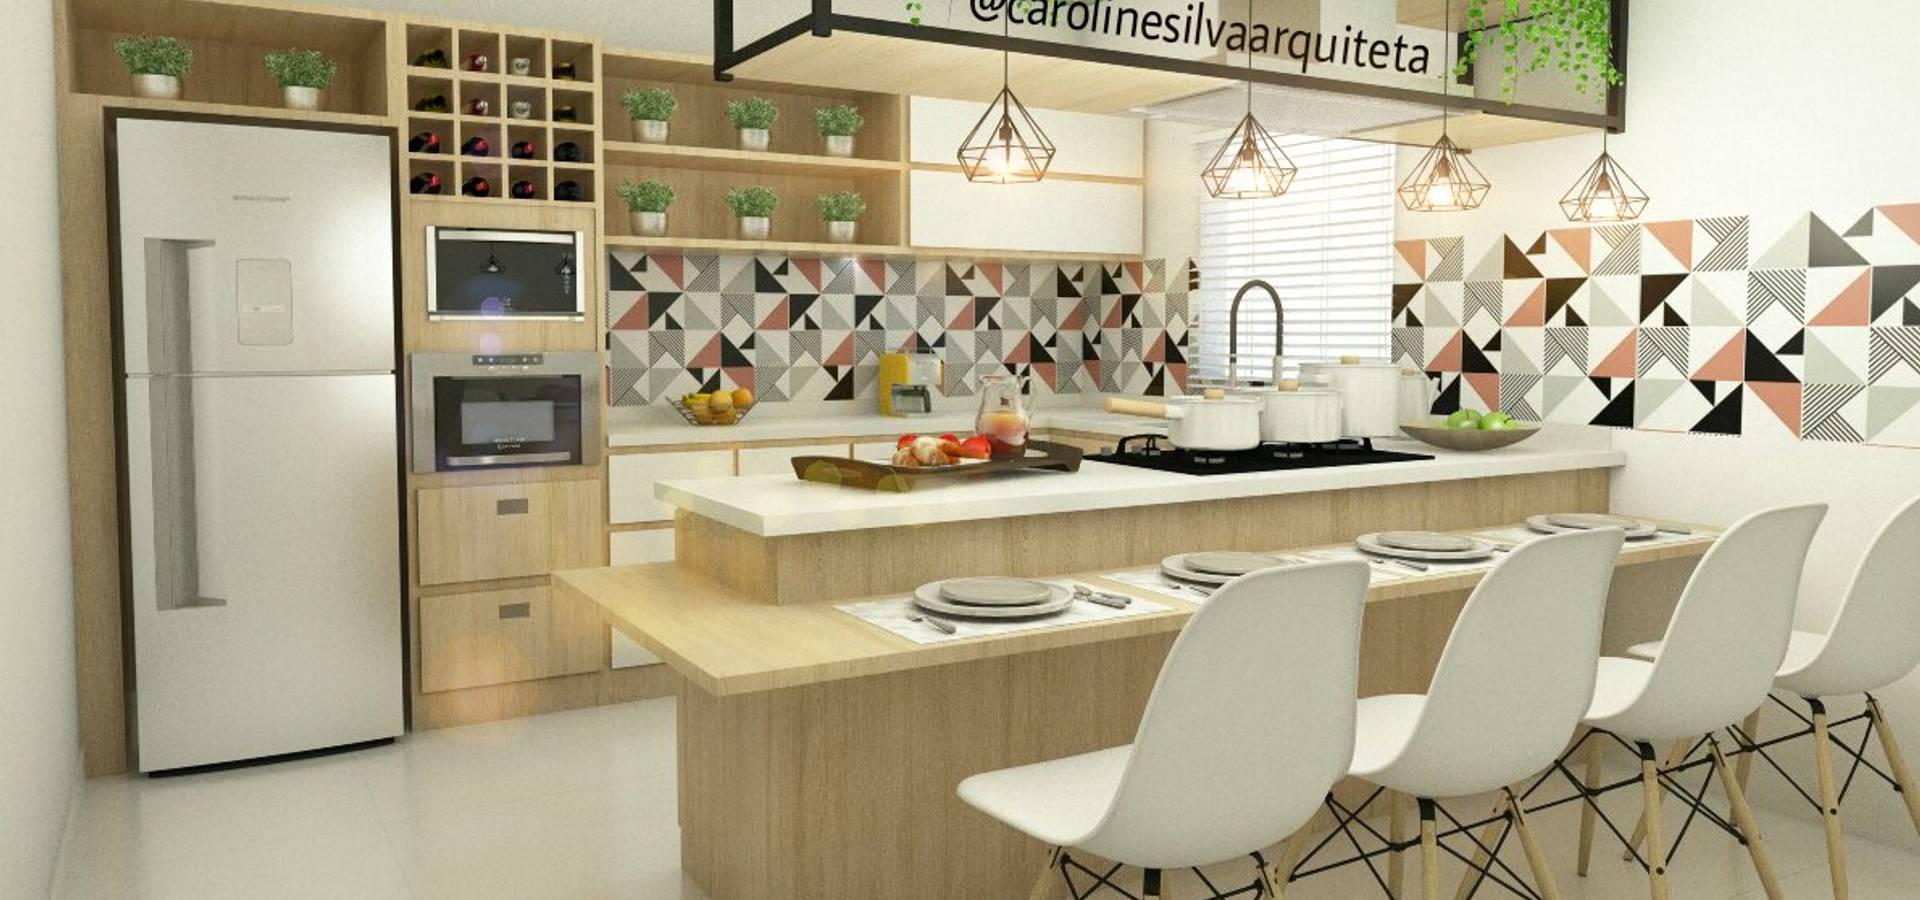 Caroline Silva Arquitetura e Interiores